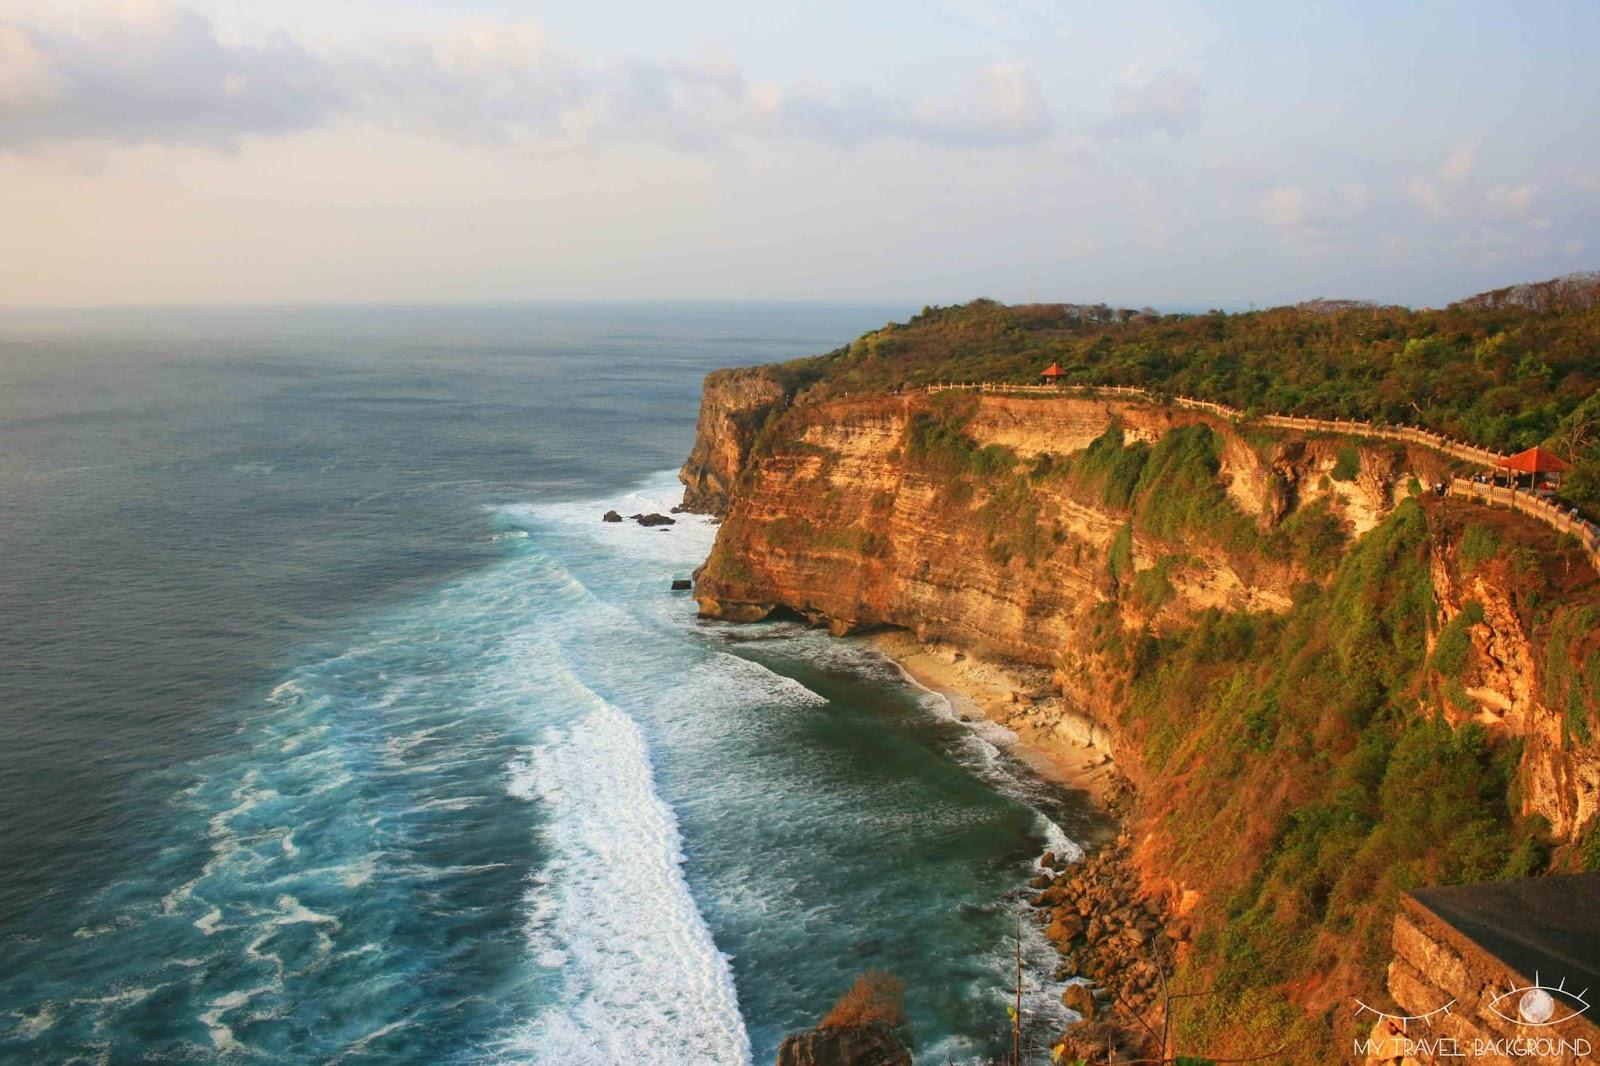 My Travel Background : A la découverte de Kuta et du Sud de Bali - Depuis les falaises d'Uluwatu